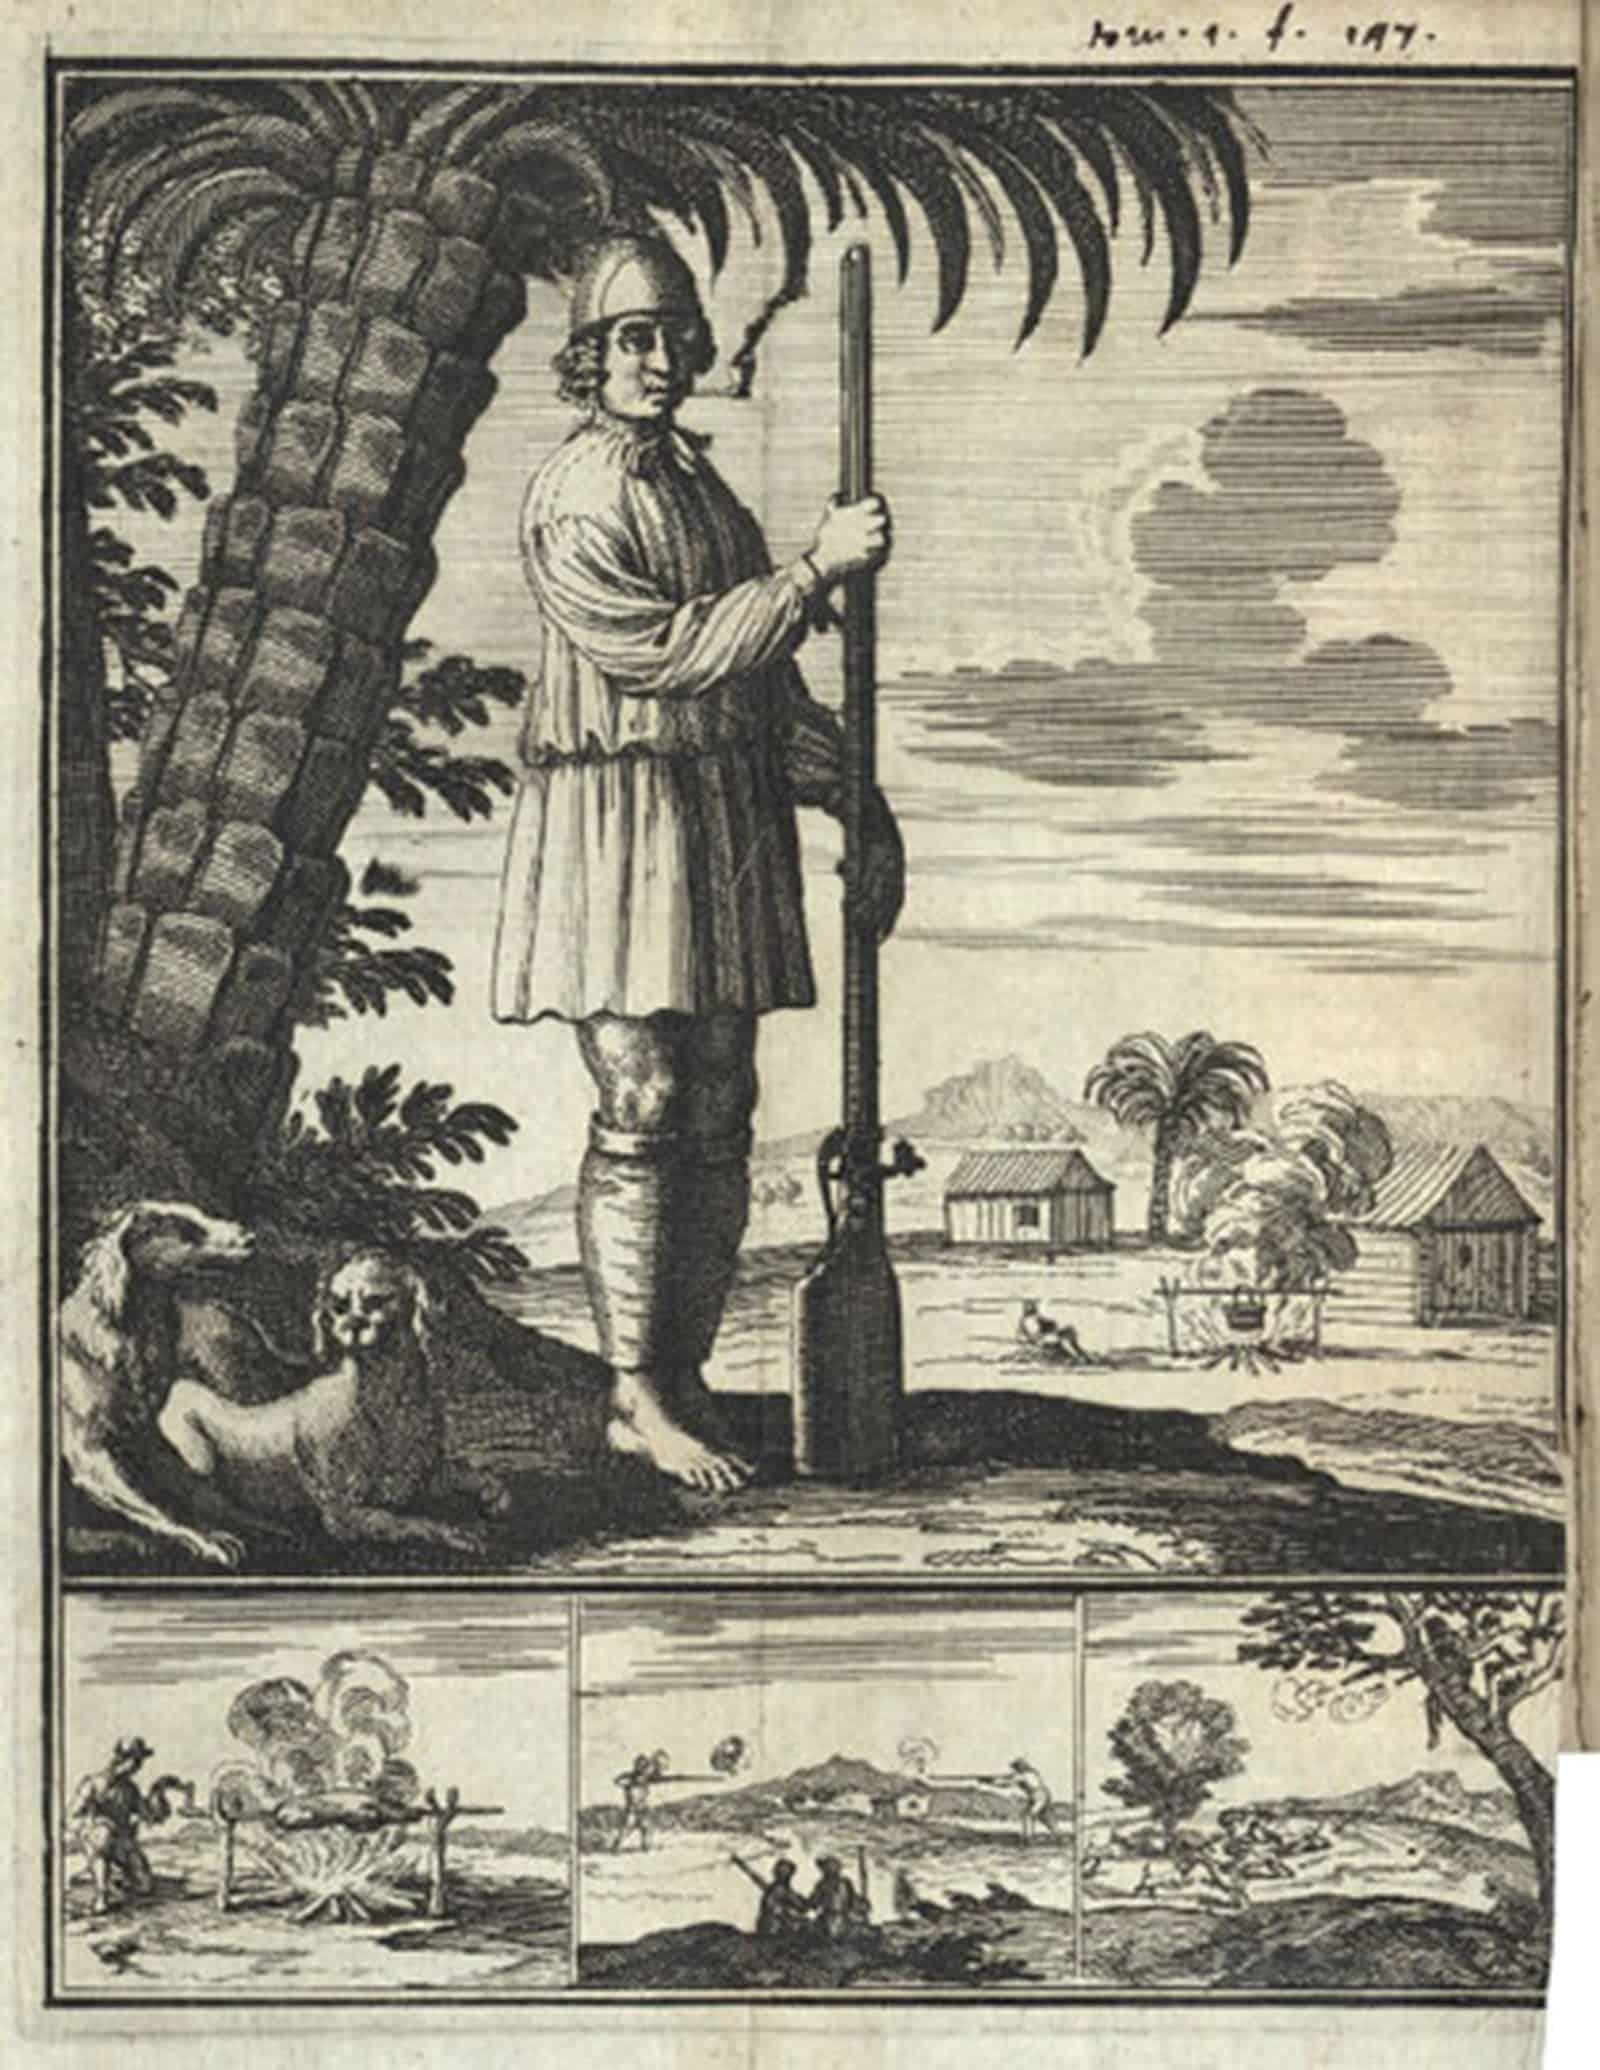 Изображение пирата. Фото: Австрийская Национальная библиотека